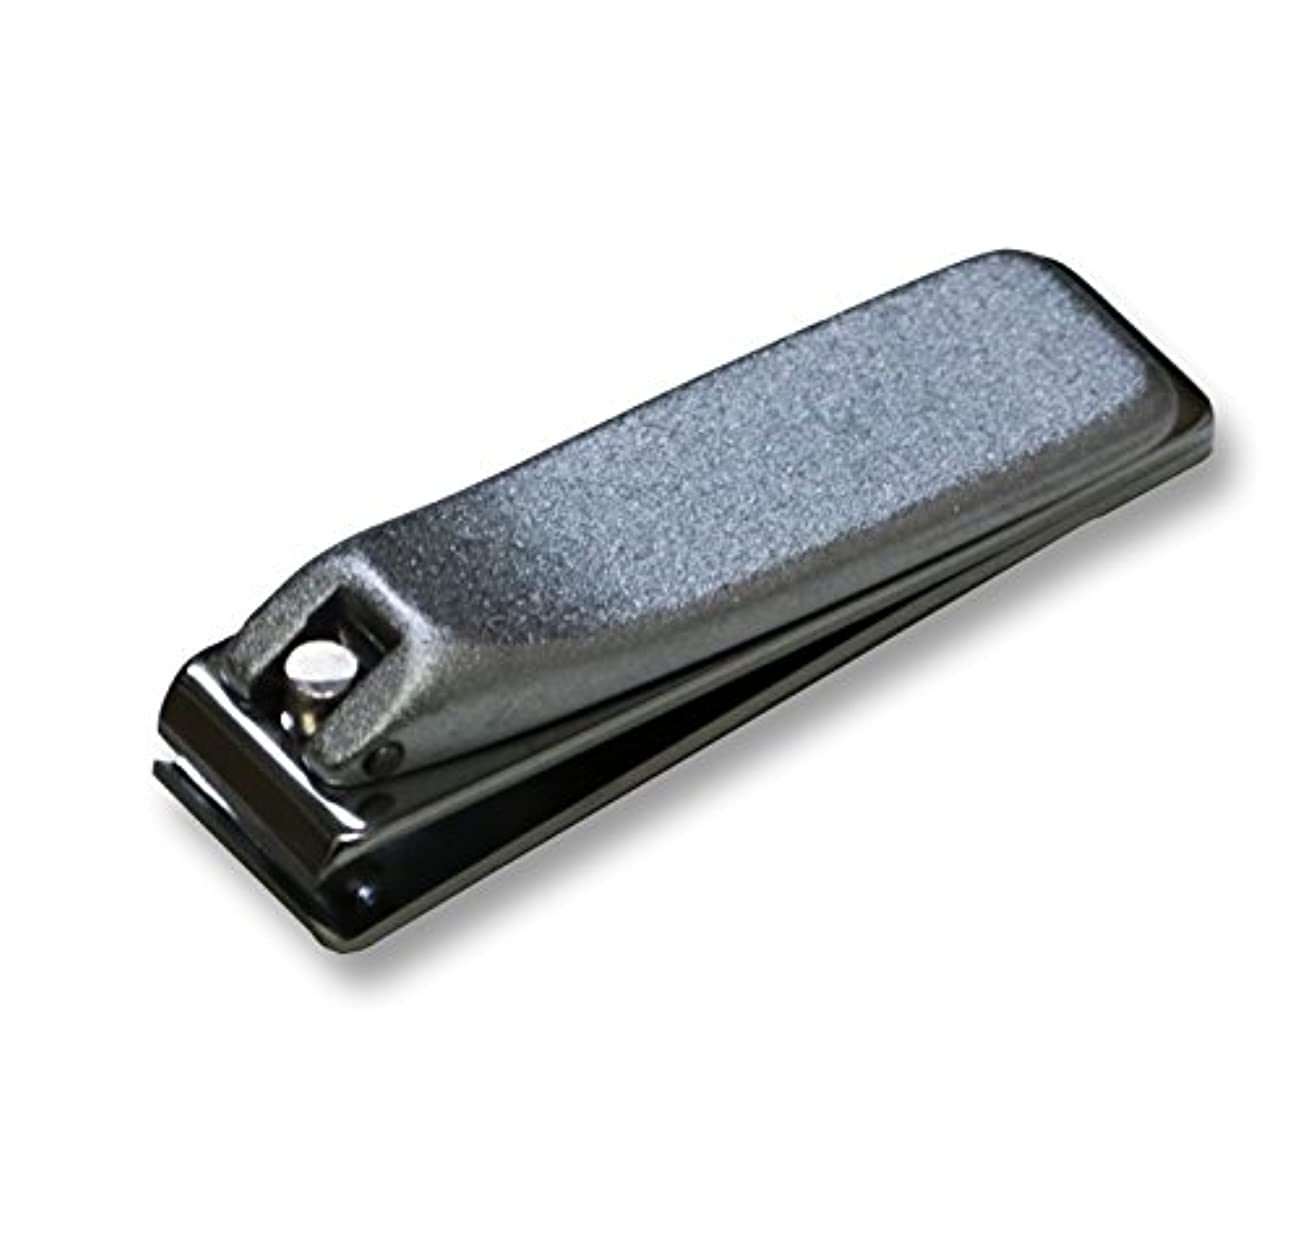 かもめソビエト雄弁家KD-035 関の刃物 クローム爪切 直刃 小 カバー無